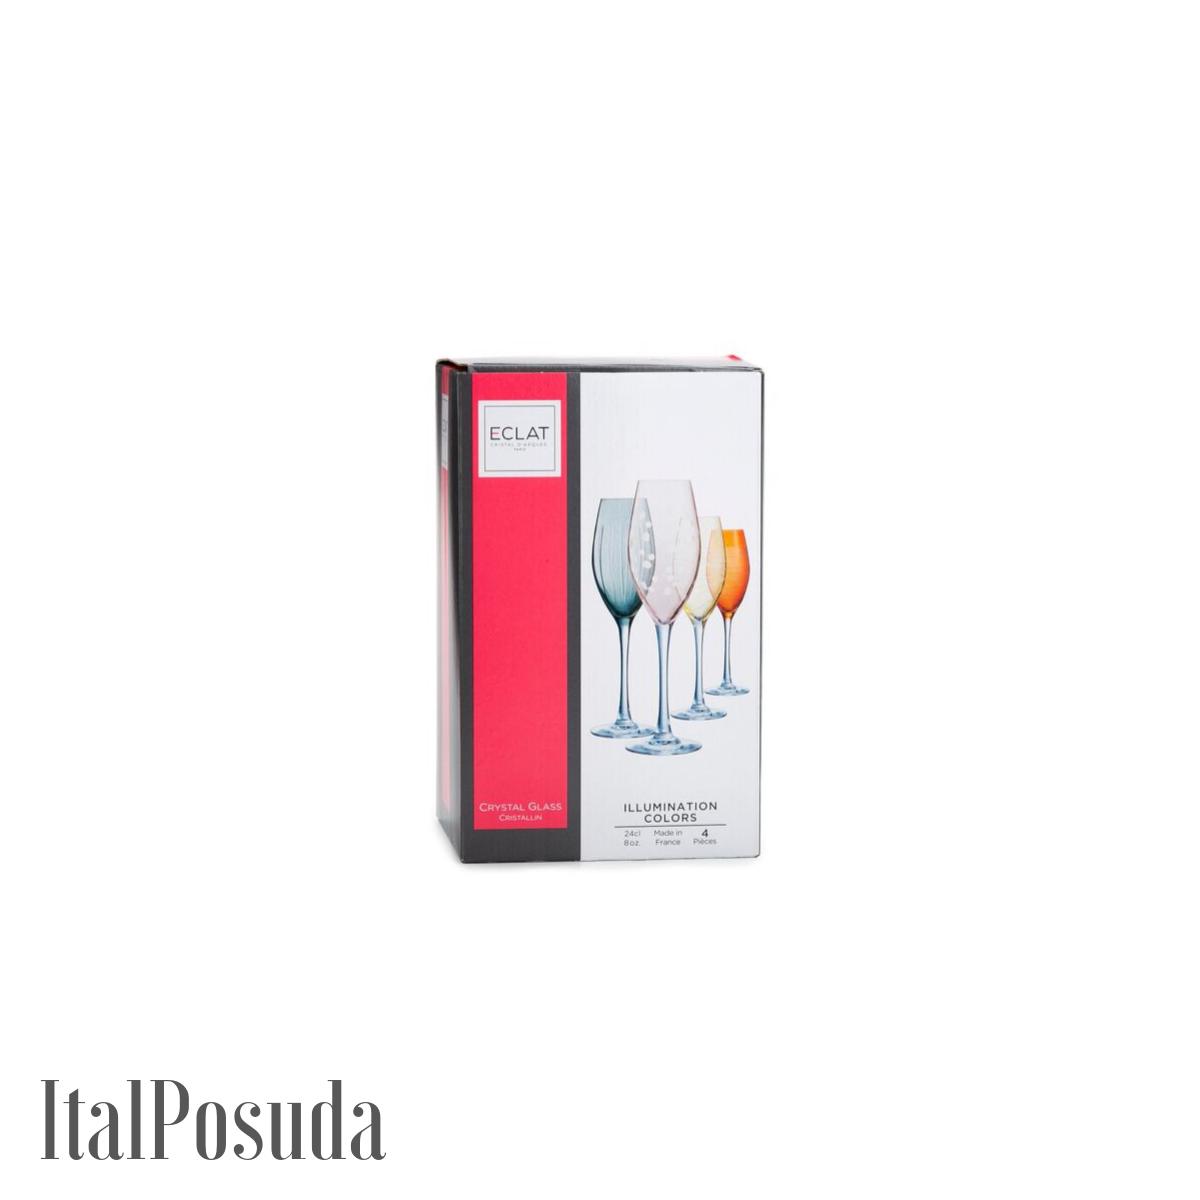 Набор фужеров для шампанского Eclat Cristal d'Arques Illumination Colors (Иллюминейшн Колорс), 4 шт L7602